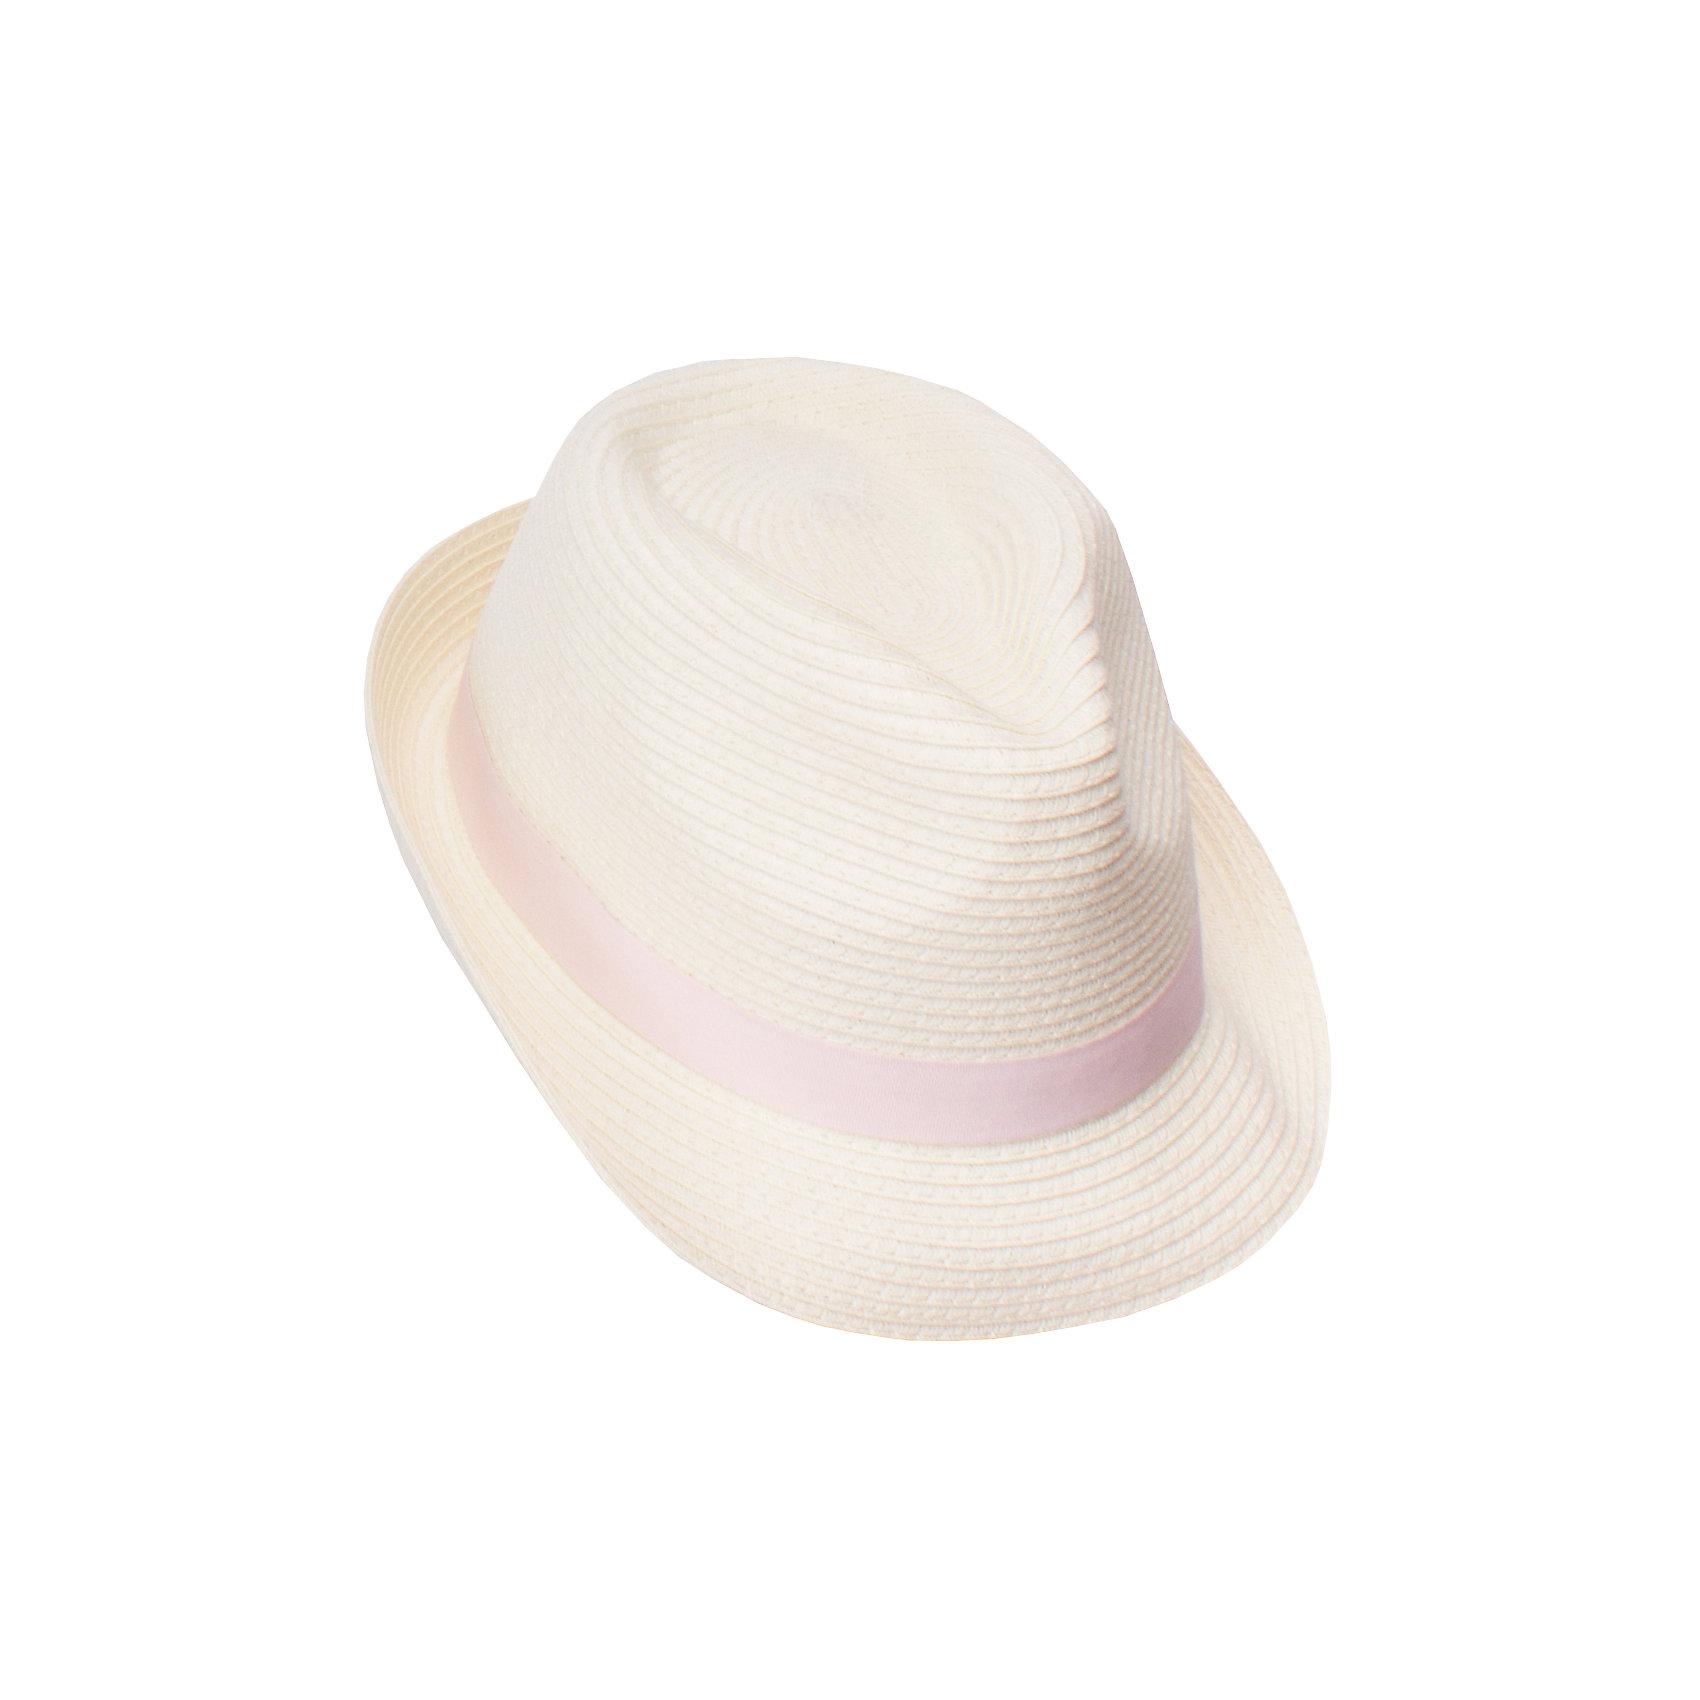 Шляпа для девочки PlayTodayГоловные уборы<br>Удобная соломенная шляпа с розовым бантом. Надежно защитит от жаркого солнца и поможет заверишть стильный женственный образ. Состав: 100% бумажная соломка<br><br>Ширина мм: 89<br>Глубина мм: 117<br>Высота мм: 44<br>Вес г: 155<br>Цвет: бежевый<br>Возраст от месяцев: 24<br>Возраст до месяцев: 36<br>Пол: Женский<br>Возраст: Детский<br>Размер: 50,54,52<br>SKU: 4652753